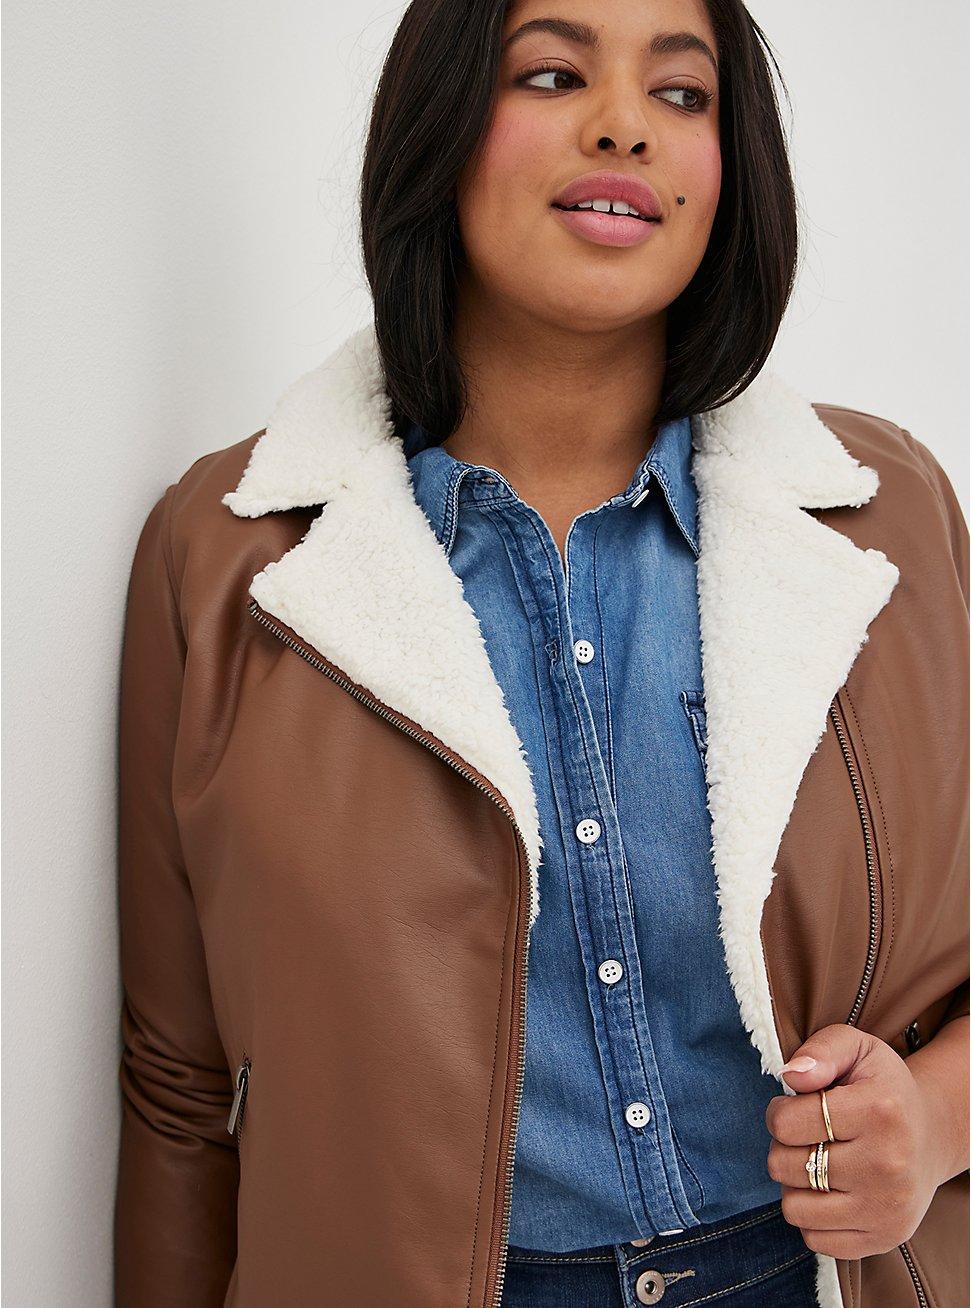 Cognac Faux Leather Sherpa Lined Moto Jacket, COGNAC, hi-res